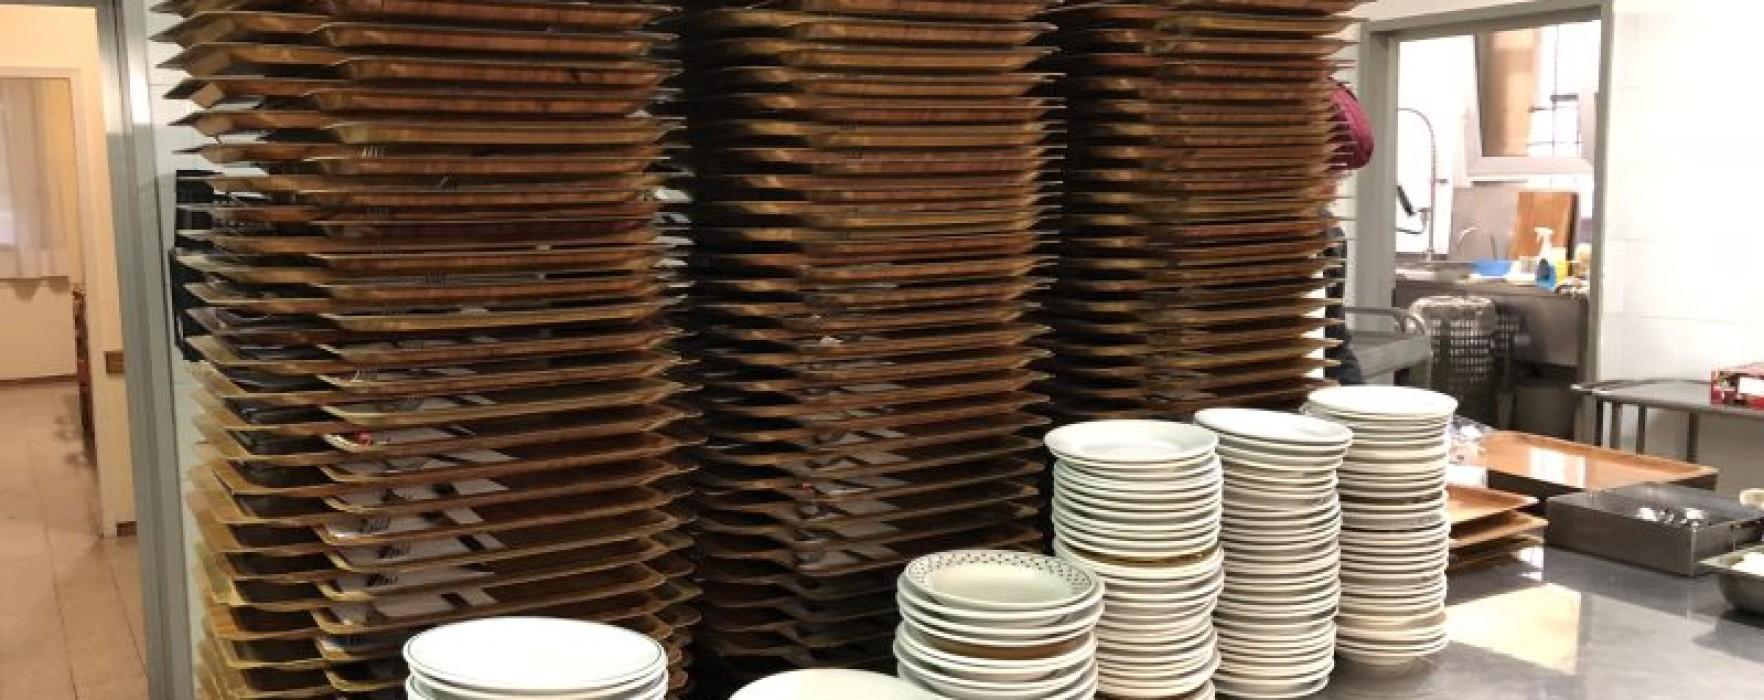 Cucine popolari: varcare la soglia